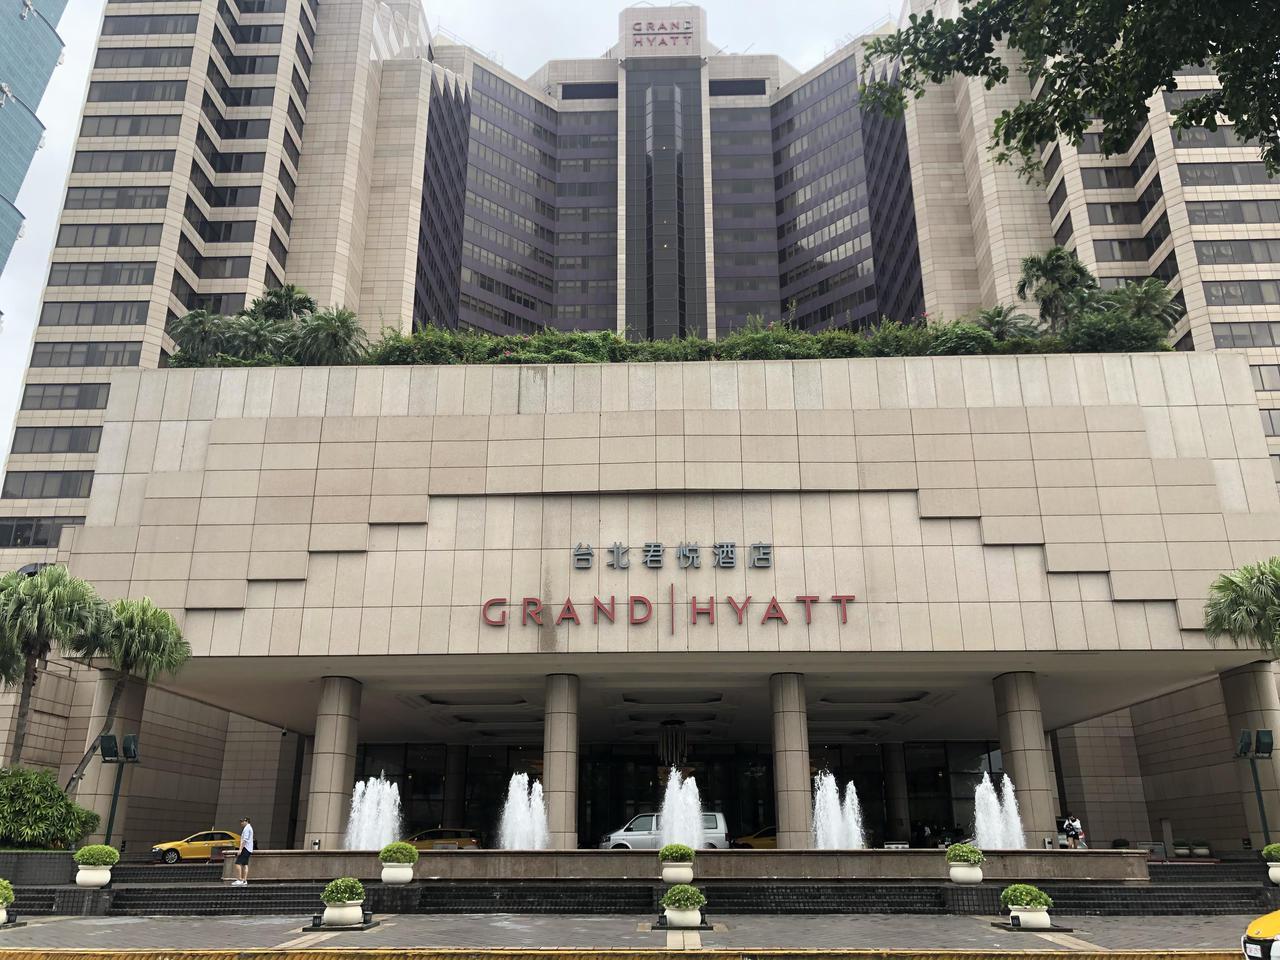 台北君悅酒店成立迄今30年,旗下自助餐廳凱菲屋頗受饕客歡迎。記者黃文奇/攝影